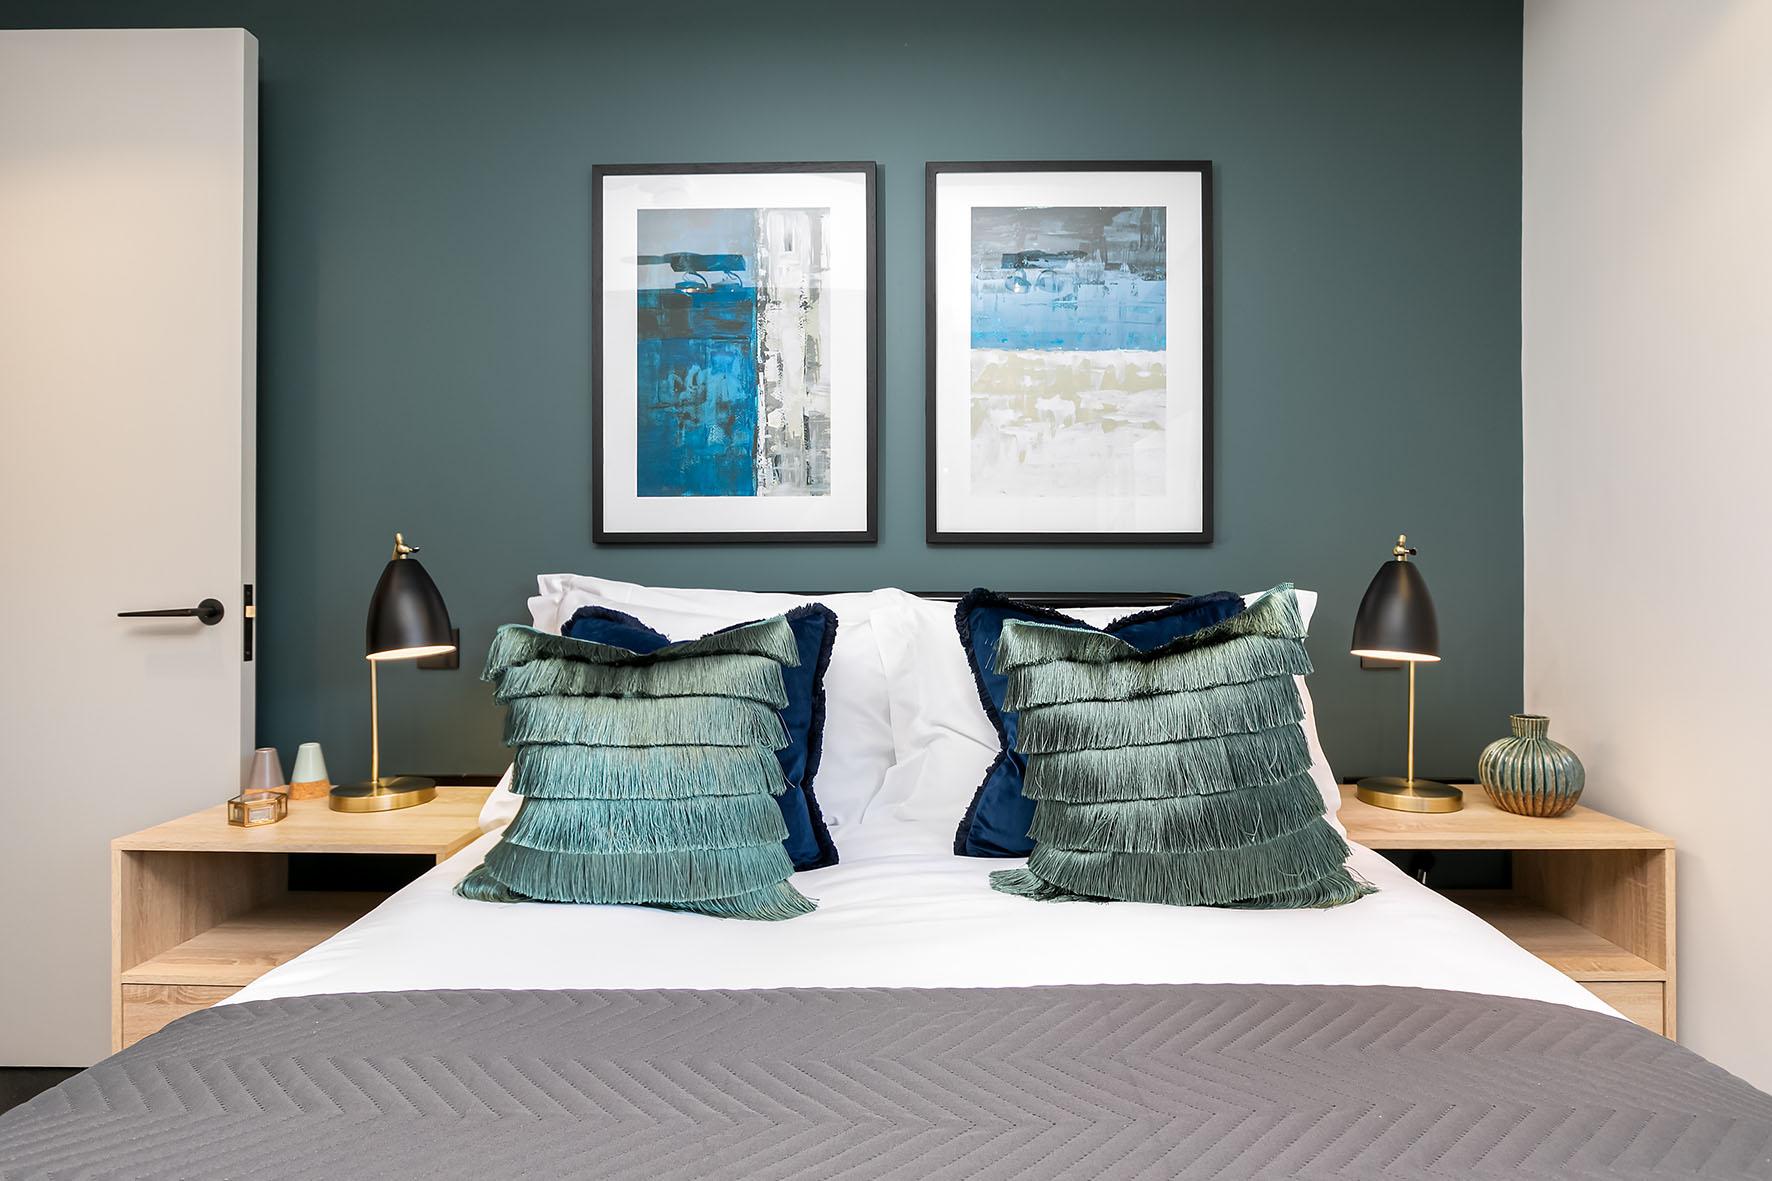 Lovelydays luxury service apartment rental - London - Soho - Noel Street VI - Lovelysuite - 2 bedrooms - 2 bathrooms - Queen bed - luxury apartment in london - f0acd98bf010 - Lovelydays